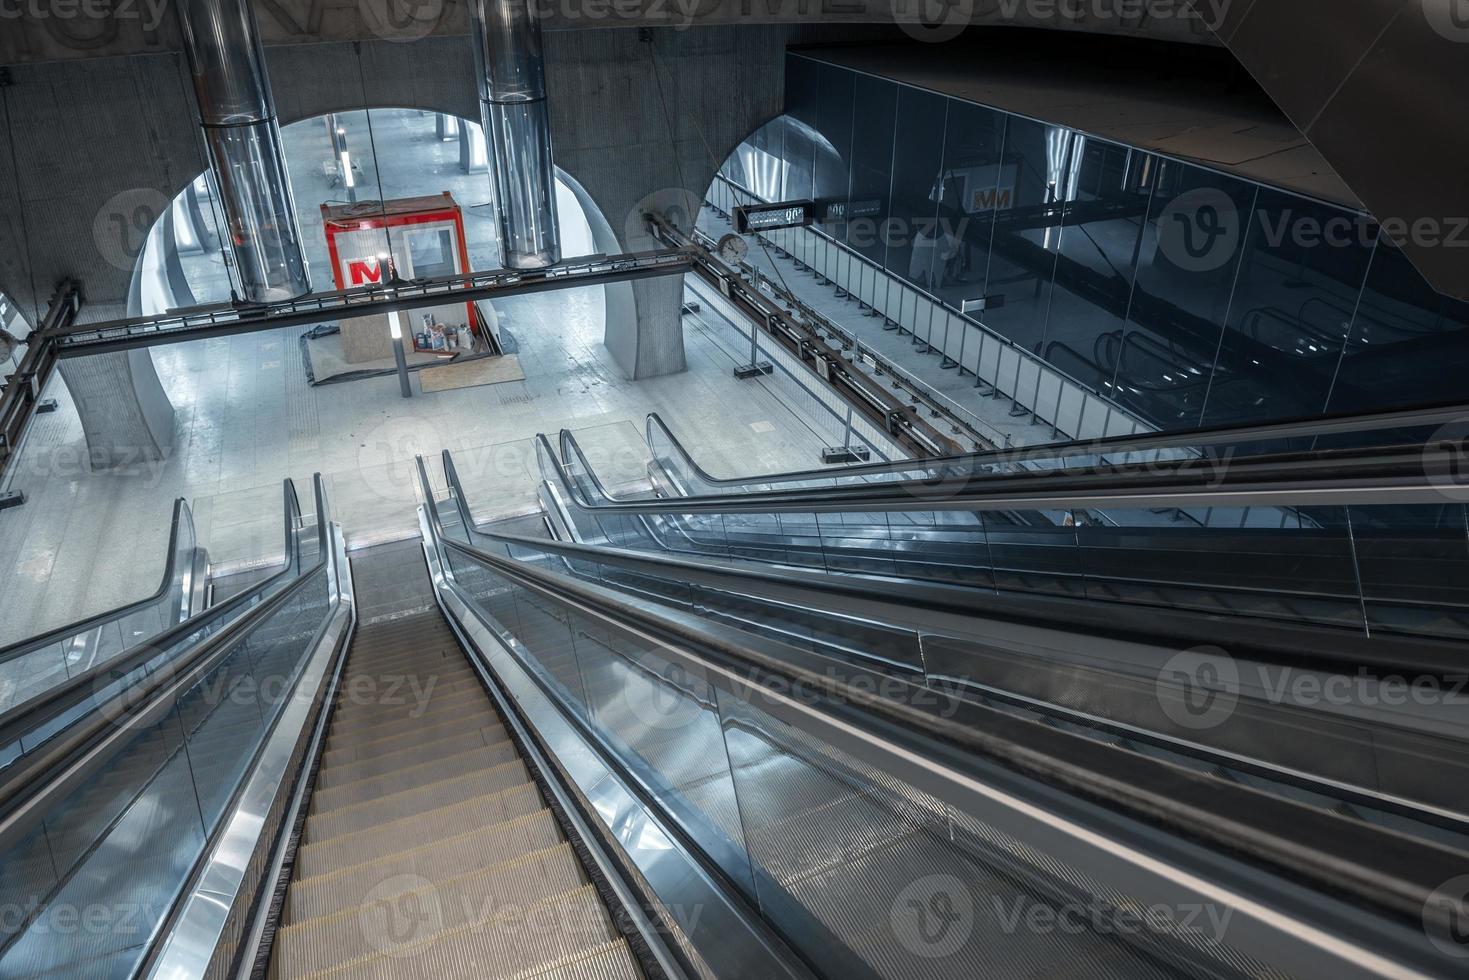 scala mobile in movimento nel centro business foto